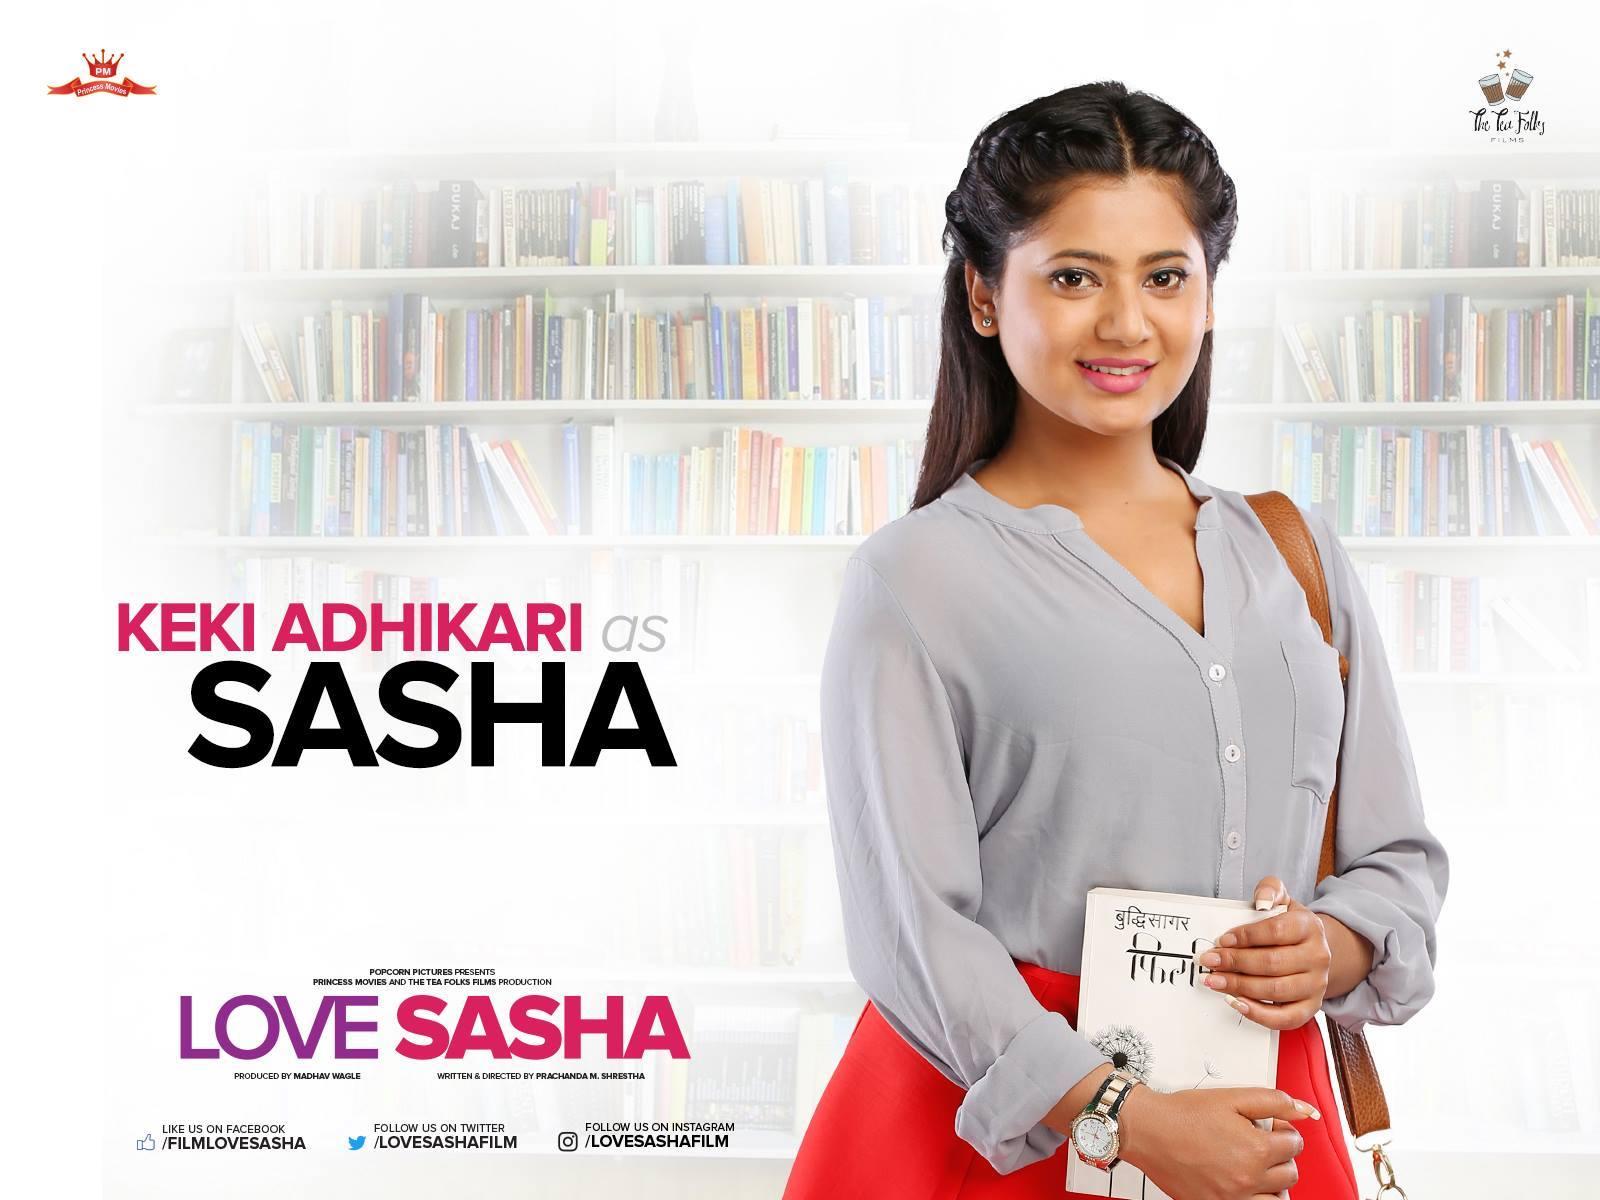 Keki Adhikari as Sasha in Love Sasha Movie